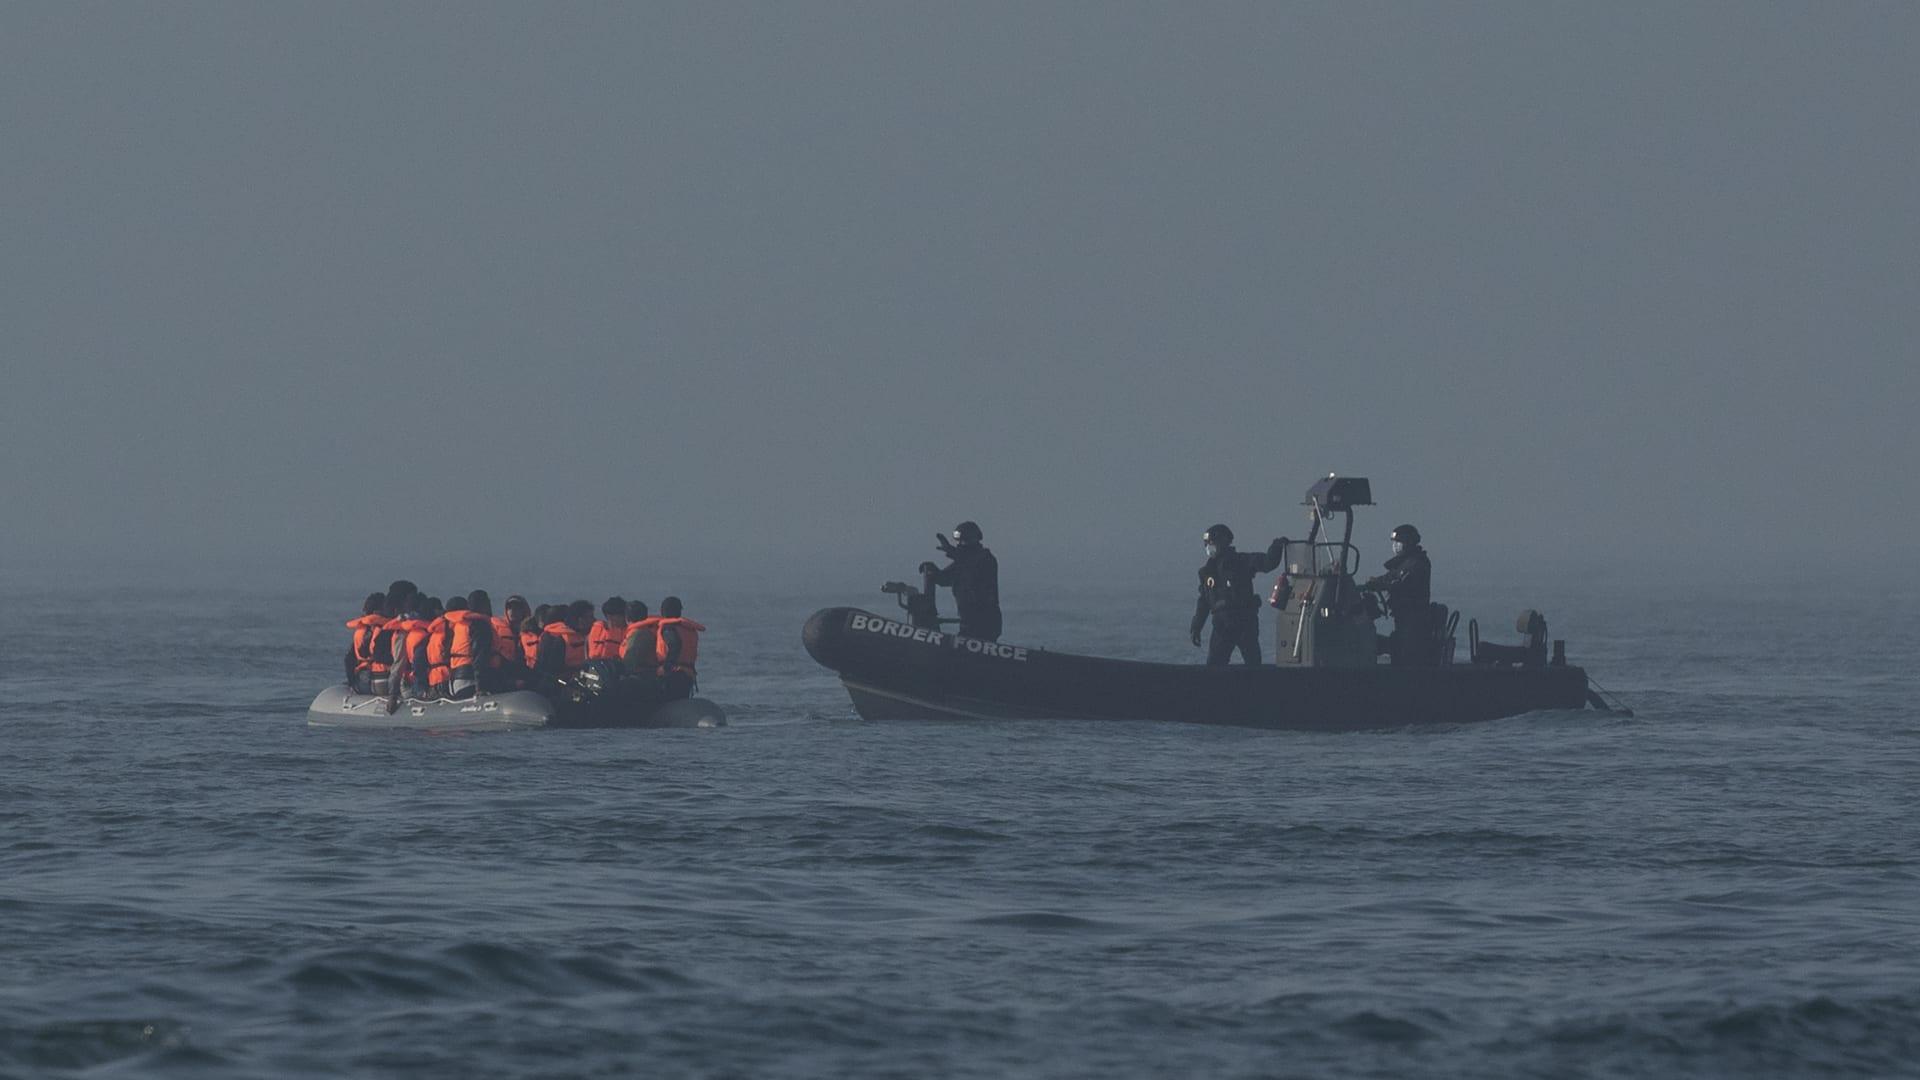 قوة الحدود البريطانية أمام قارب مطاطي يحمل مهاجرين أثناء عبورهم القنال الإنجليزي - 22 يوليو 2021